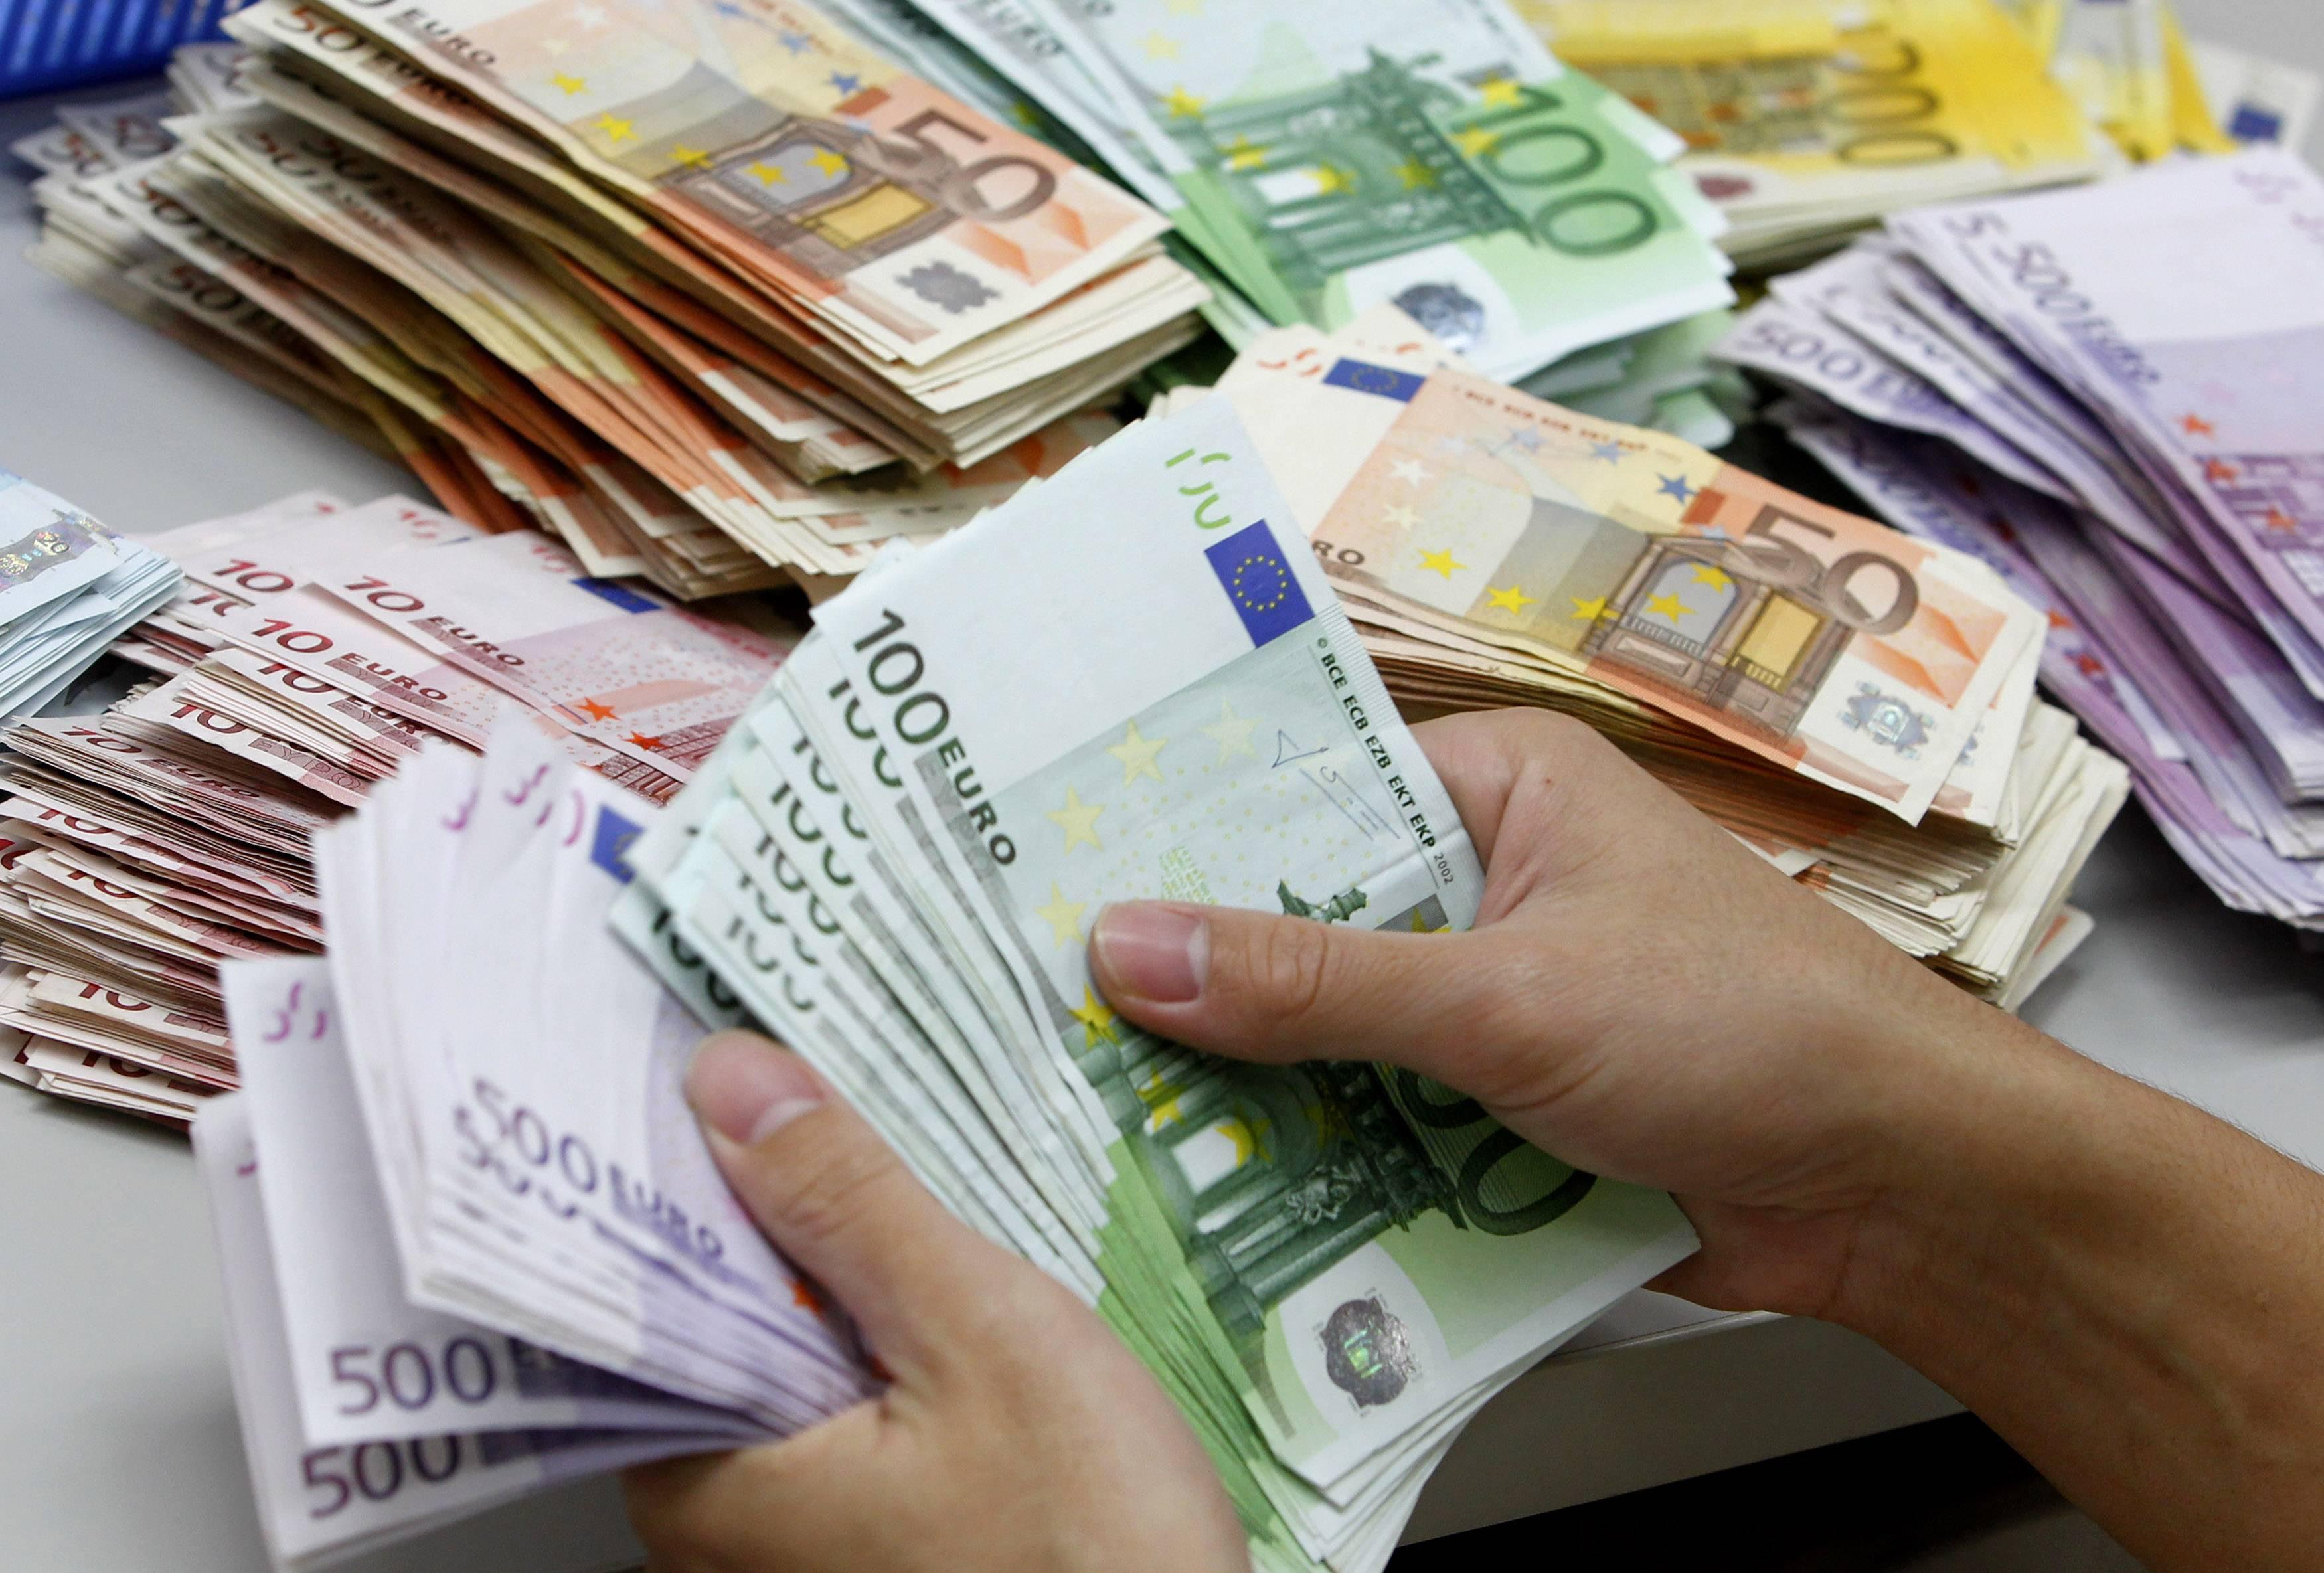 Μειωμένο κατά 28,6% το ταμειακό έλλειμμα | tovima.gr